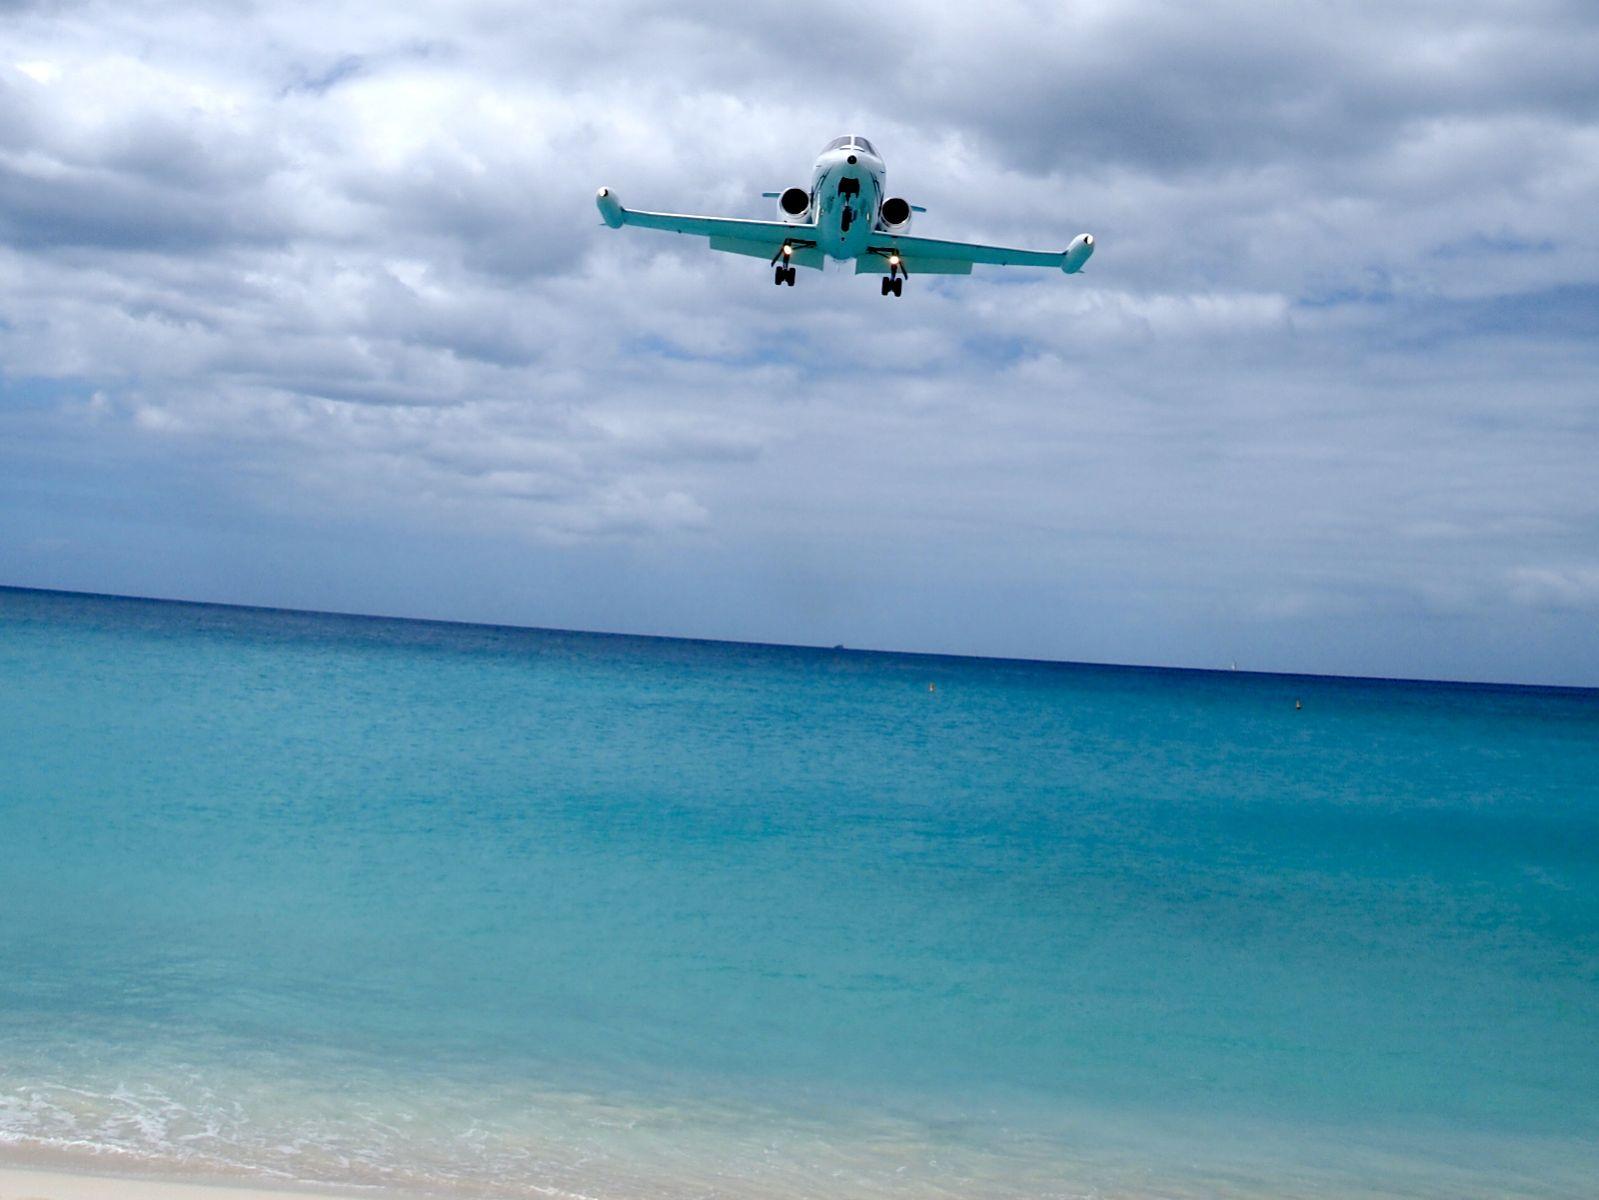 http://4.bp.blogspot.com/-r_8C8n-_pUw/T9iyCcAlhuI/AAAAAAAADbM/oV_xVXxmHDw/s1600/Avion+vue+de+face.jpg